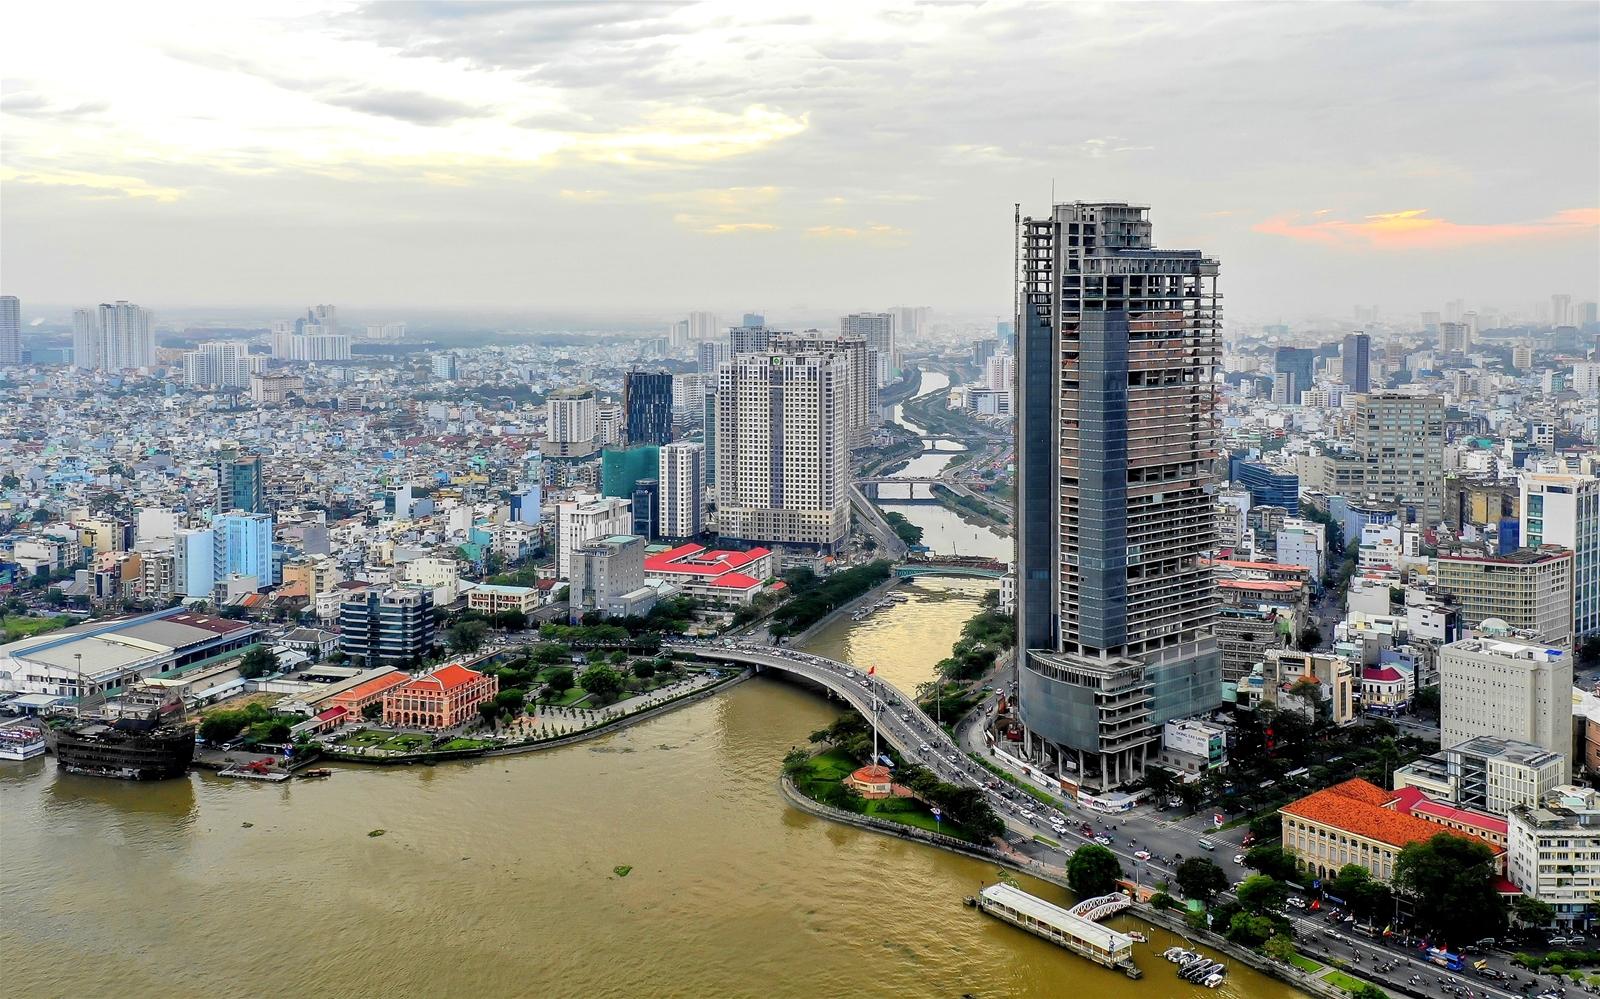 Một góc thành phố nhiều tòa nhà cao tầng.